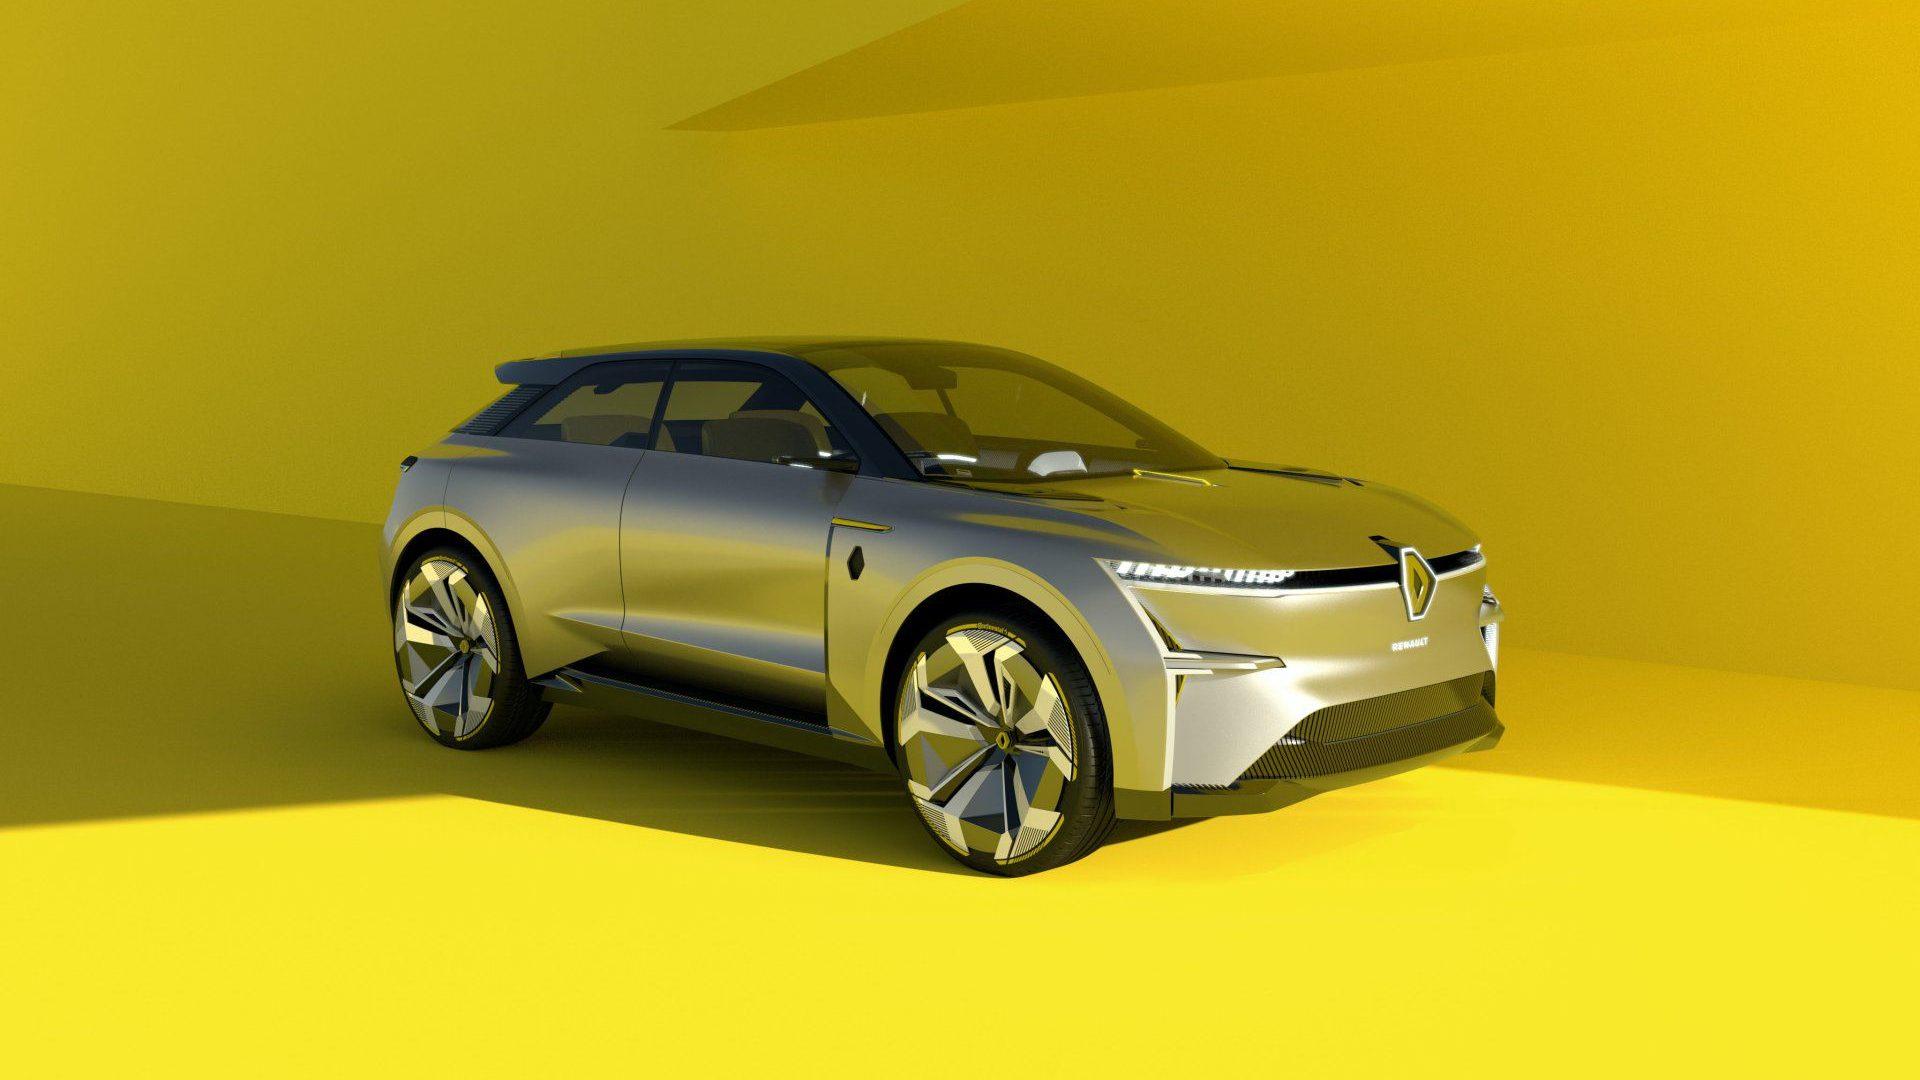 2020-Renault-Morphoz-Concept-013